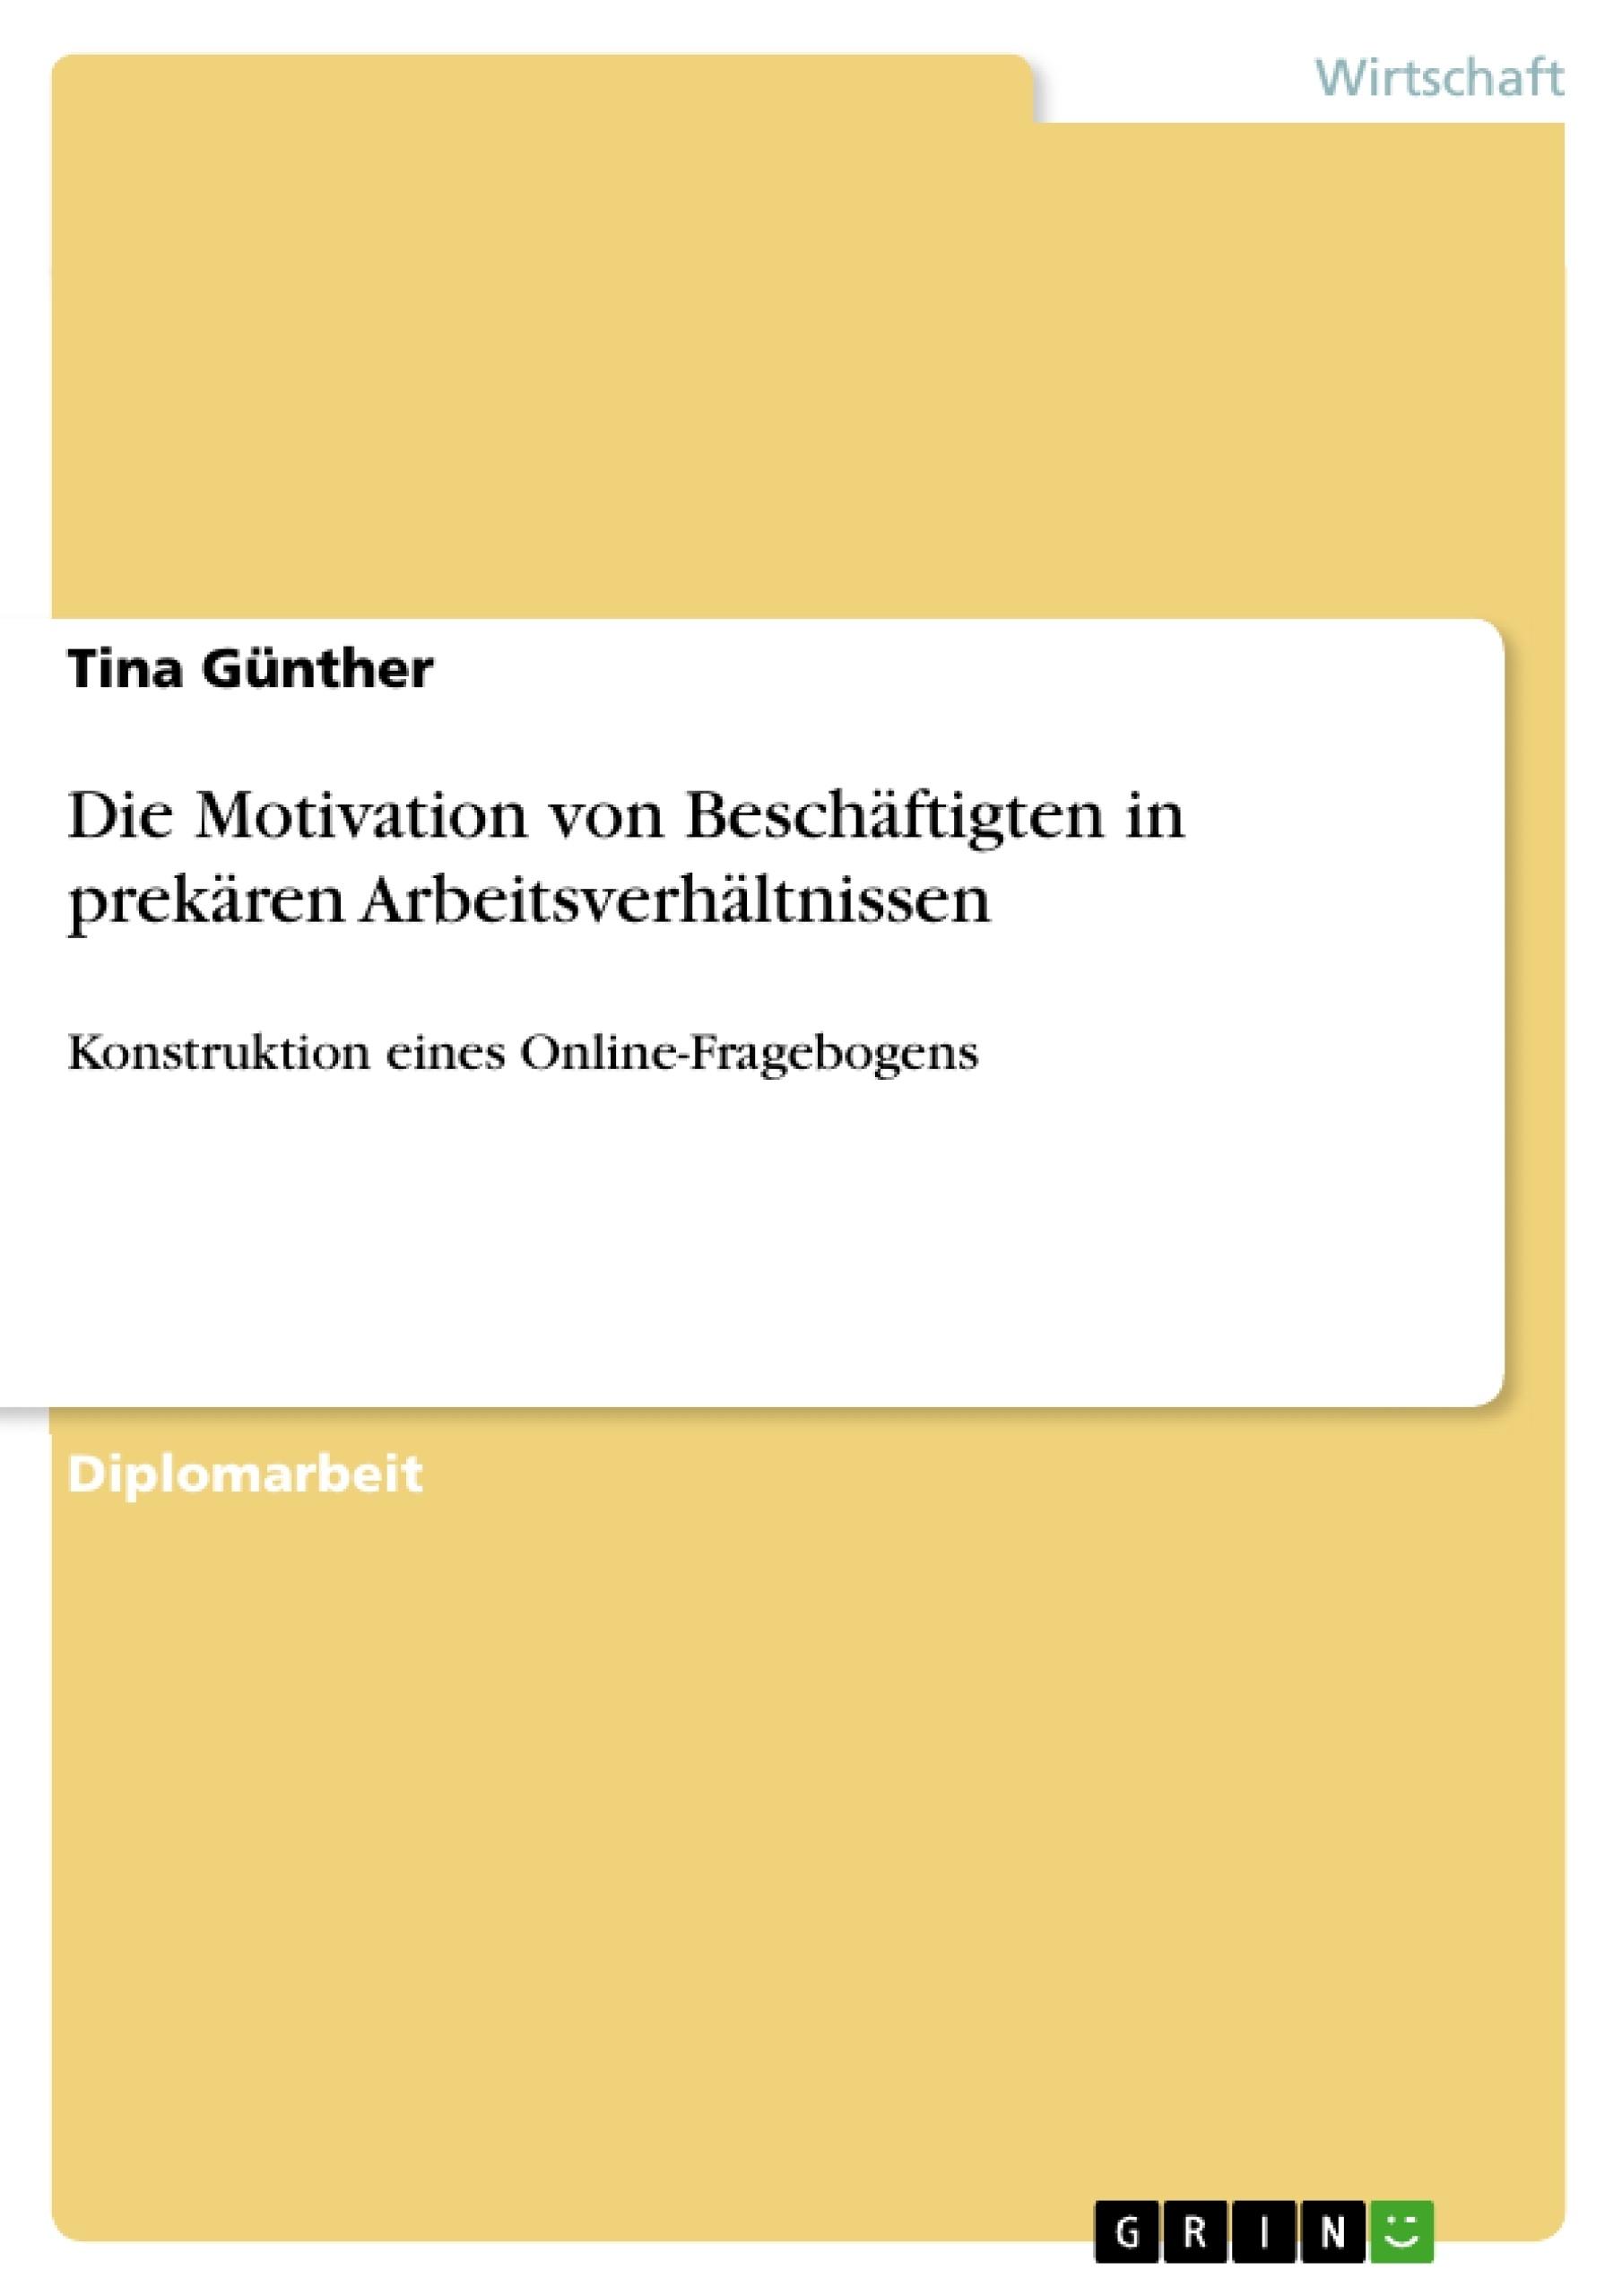 Titel: Die Motivation von Beschäftigten in prekären Arbeitsverhältnissen